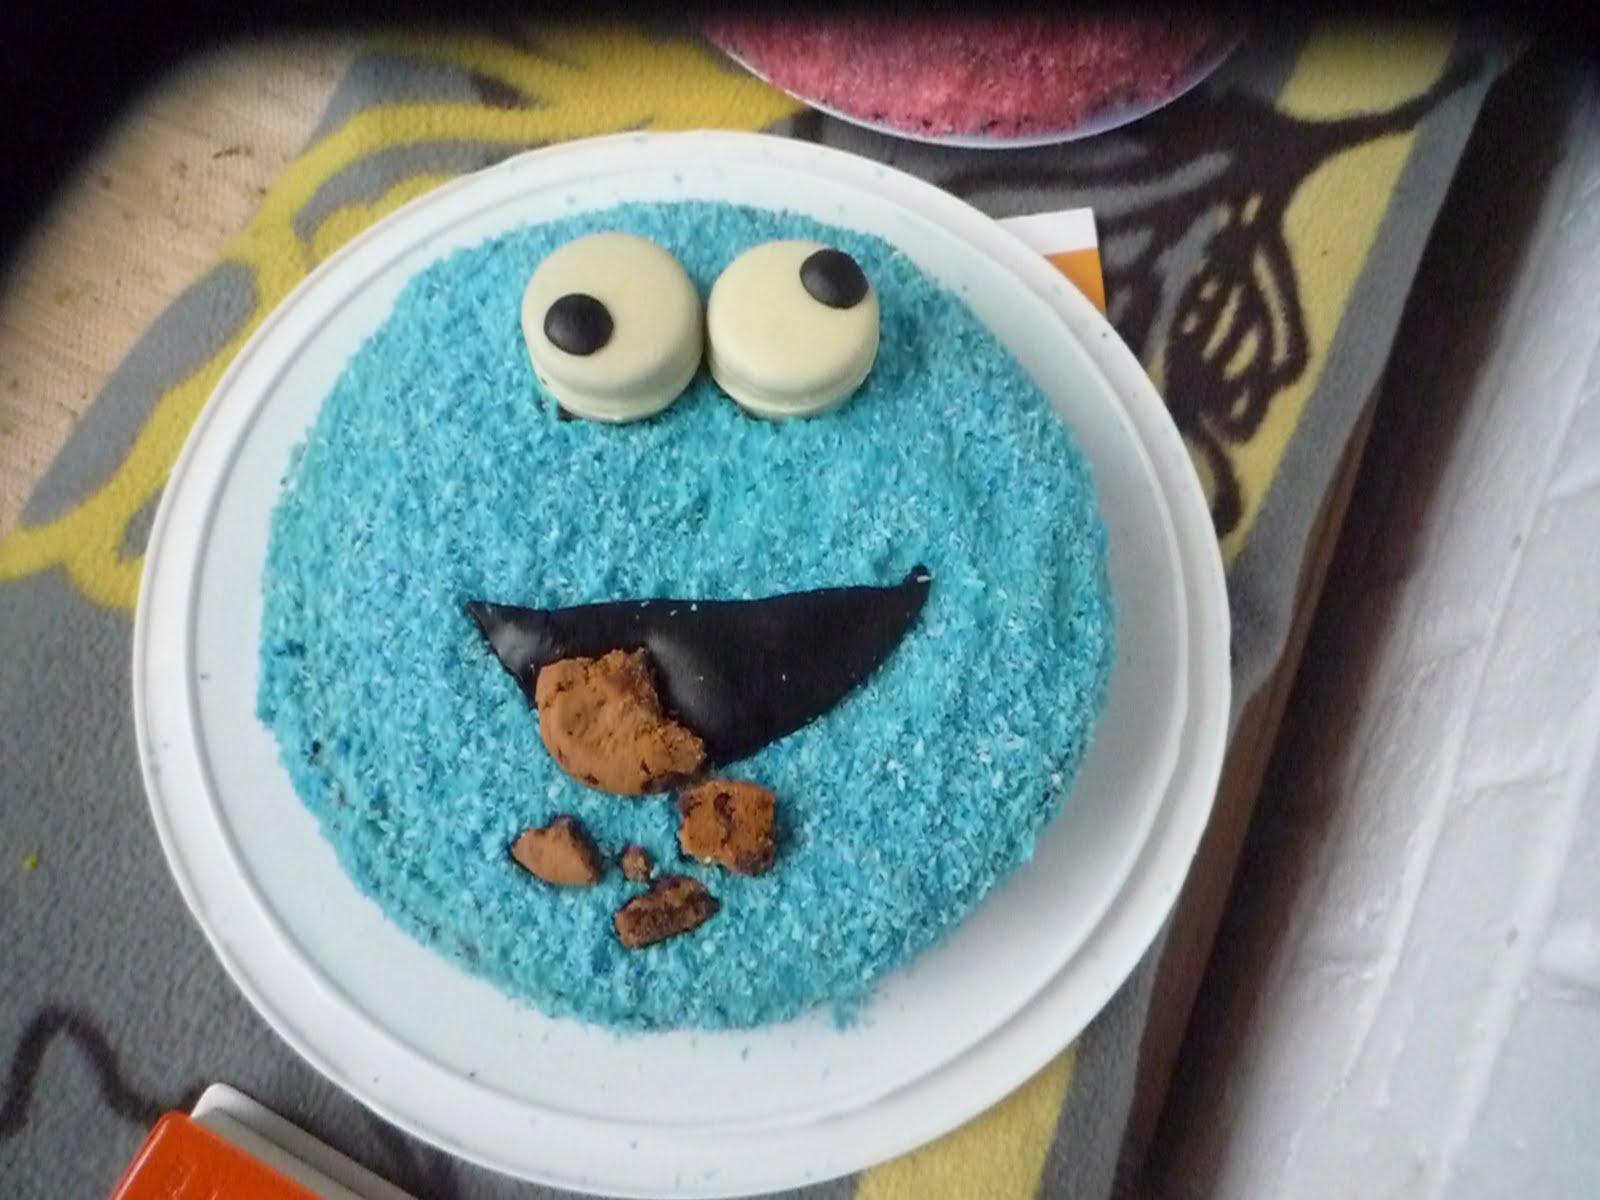 Motiv-Kuchen - kreative Ideen und neue Inspirationen :)